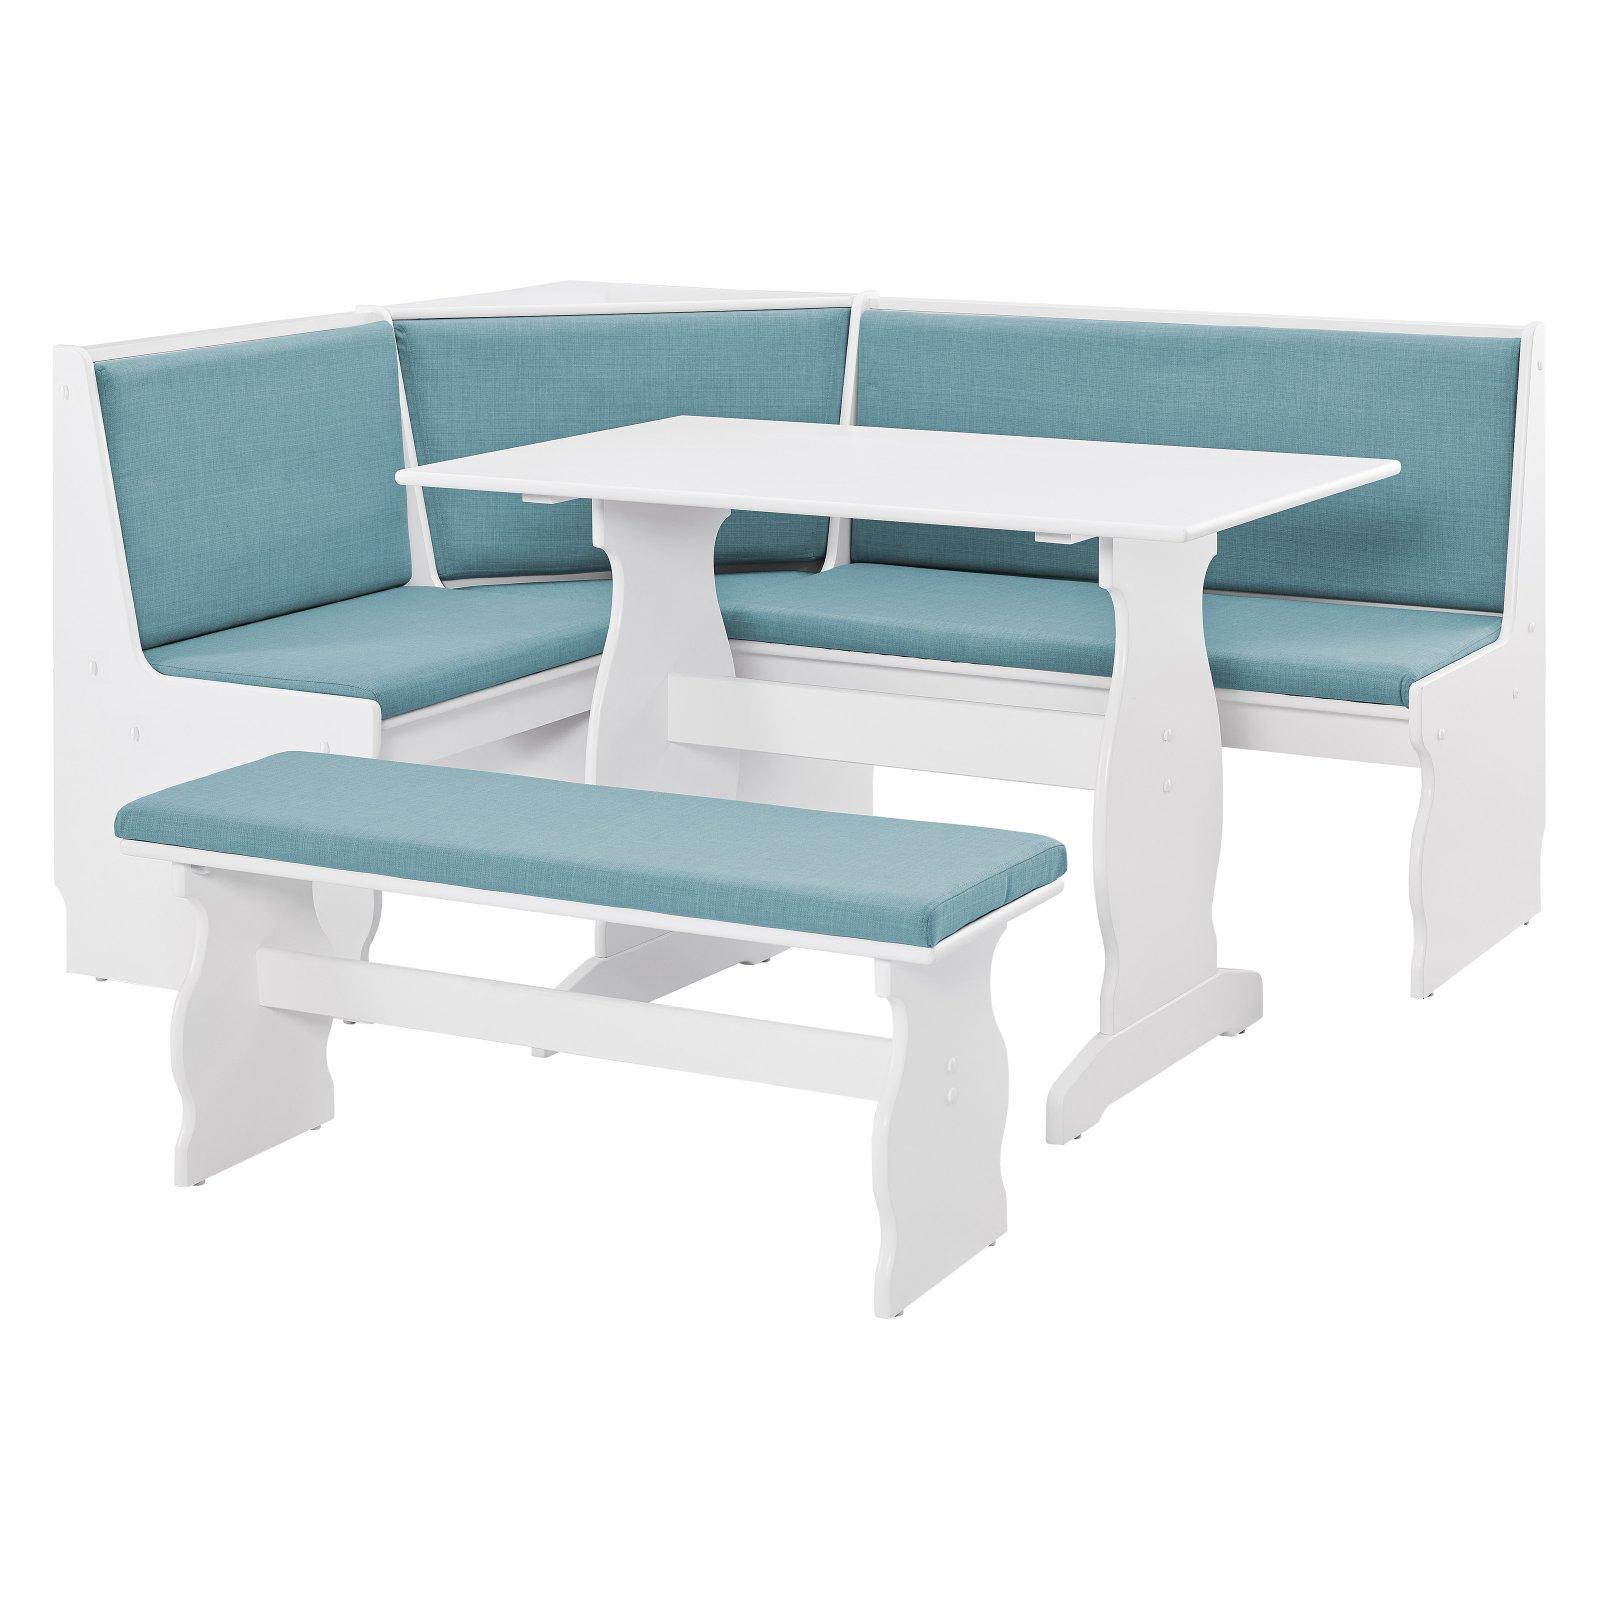 Linon Sasha Capri Nook, Blue and White, Includes Corner Unit, Table and Bench